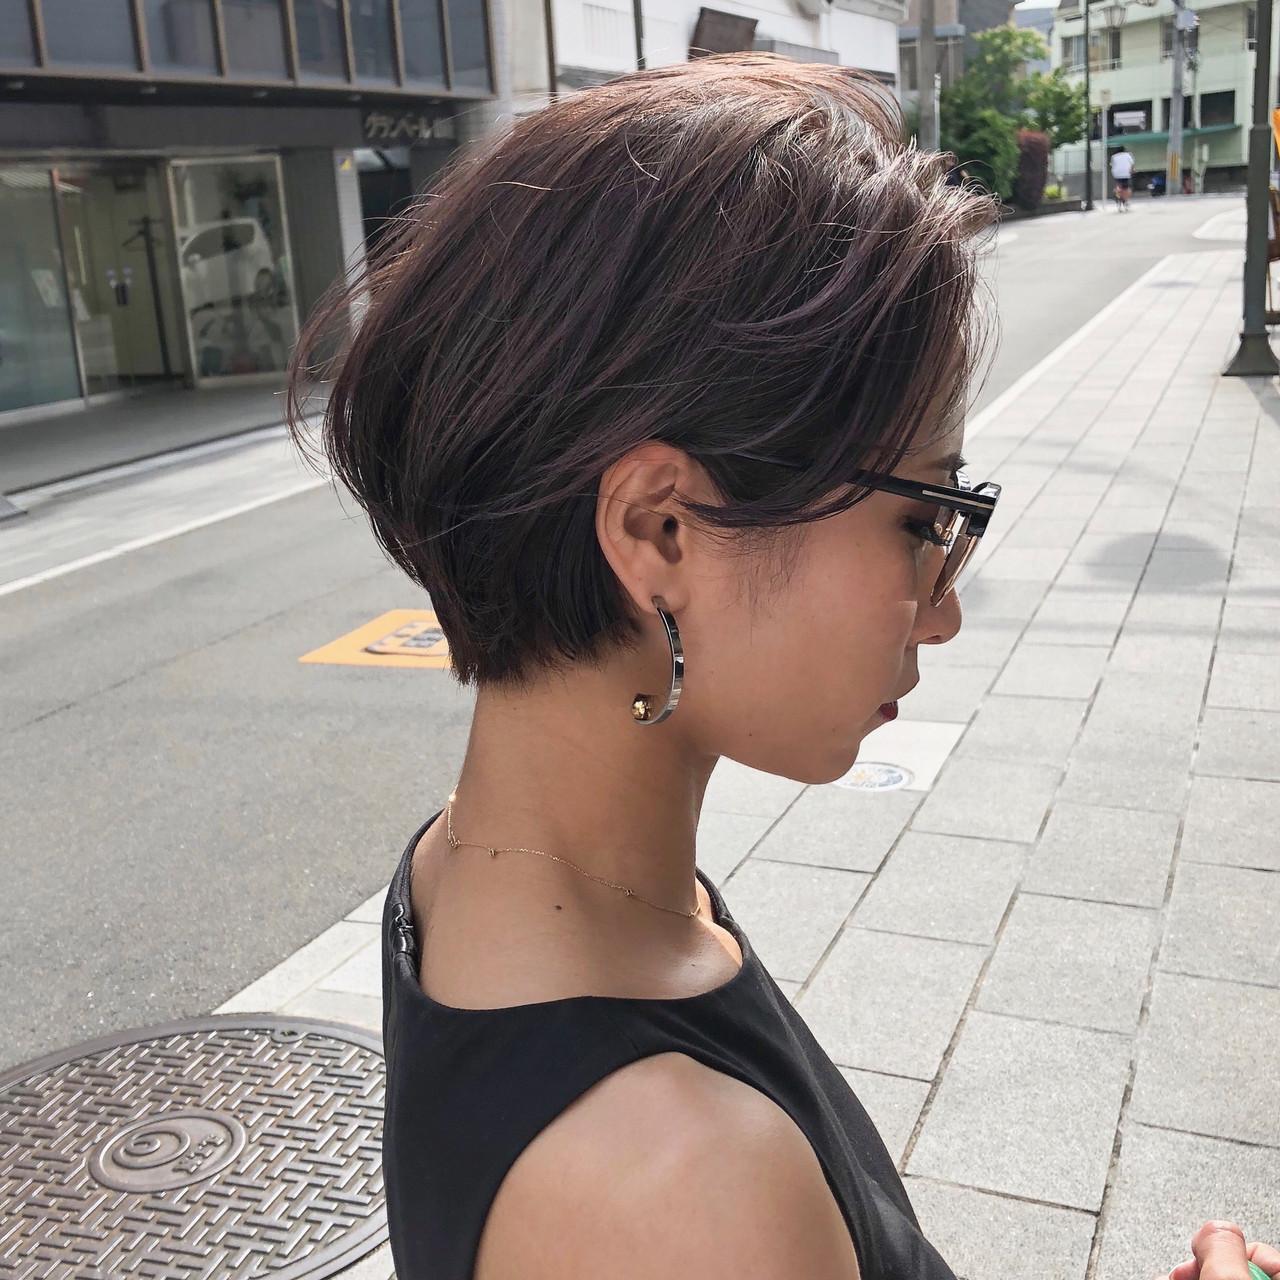 ナチュラル ショート ハンサムショート 簡単スタイリング ヘアスタイルや髪型の写真・画像